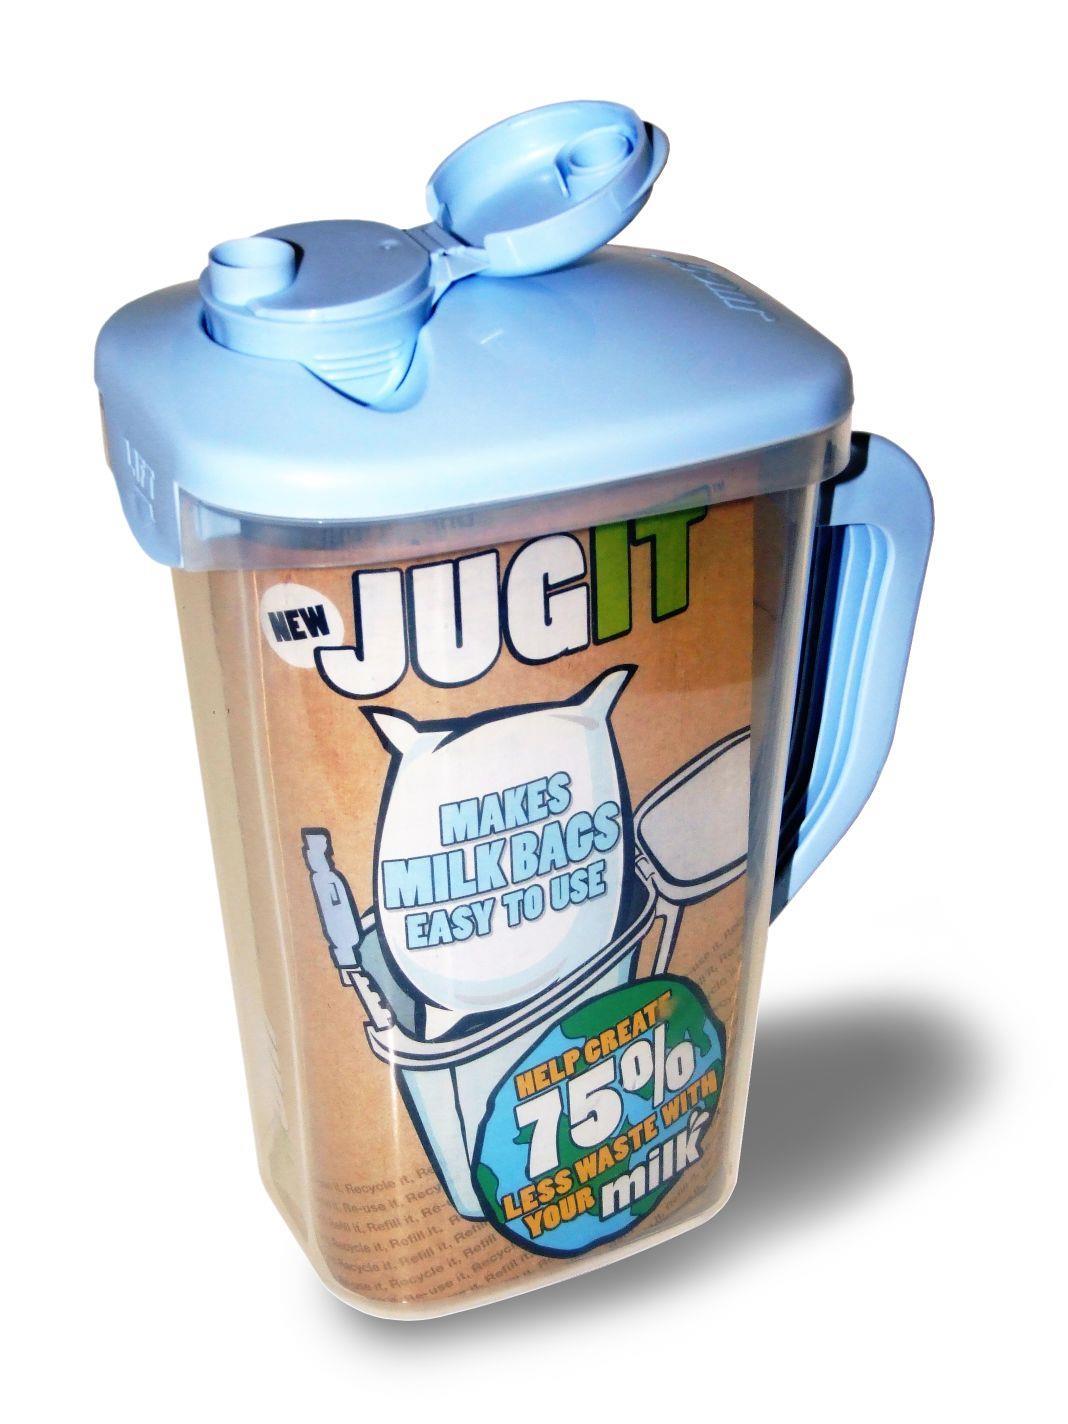 JugIT